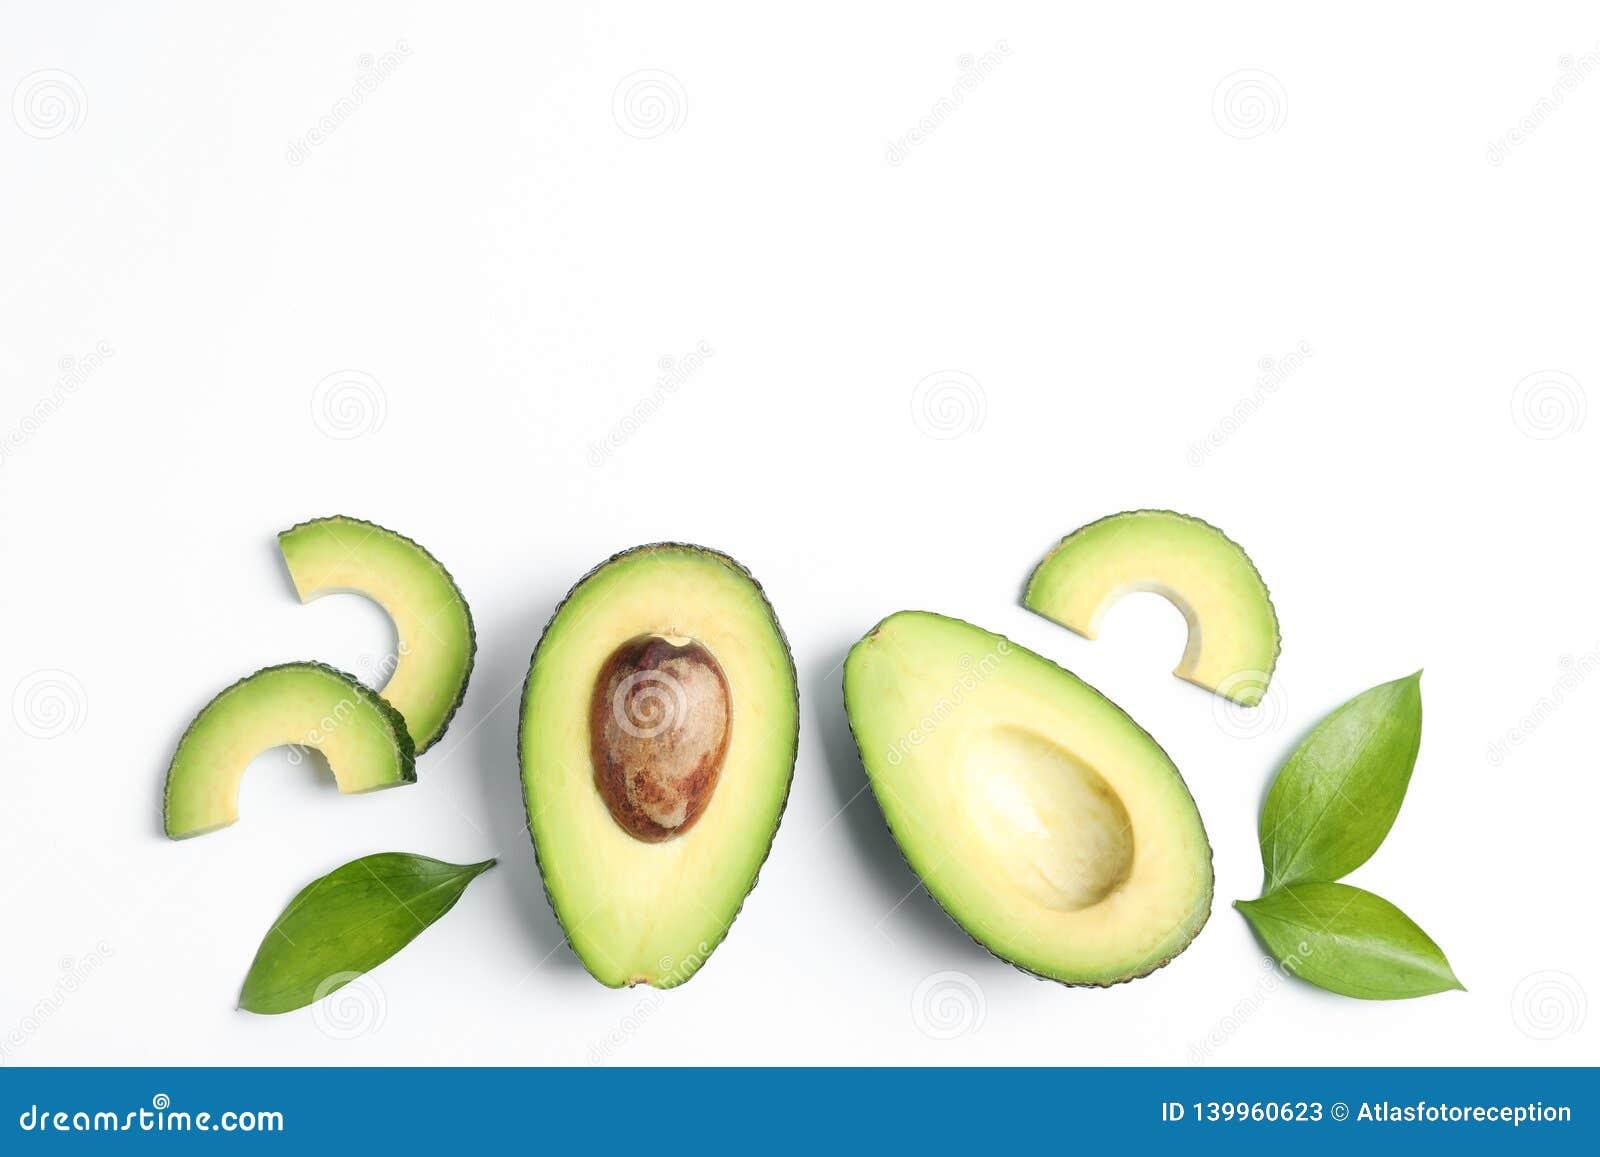 Composizione posta piana con gli avocado maturi su fondo bianco, spazio per testo